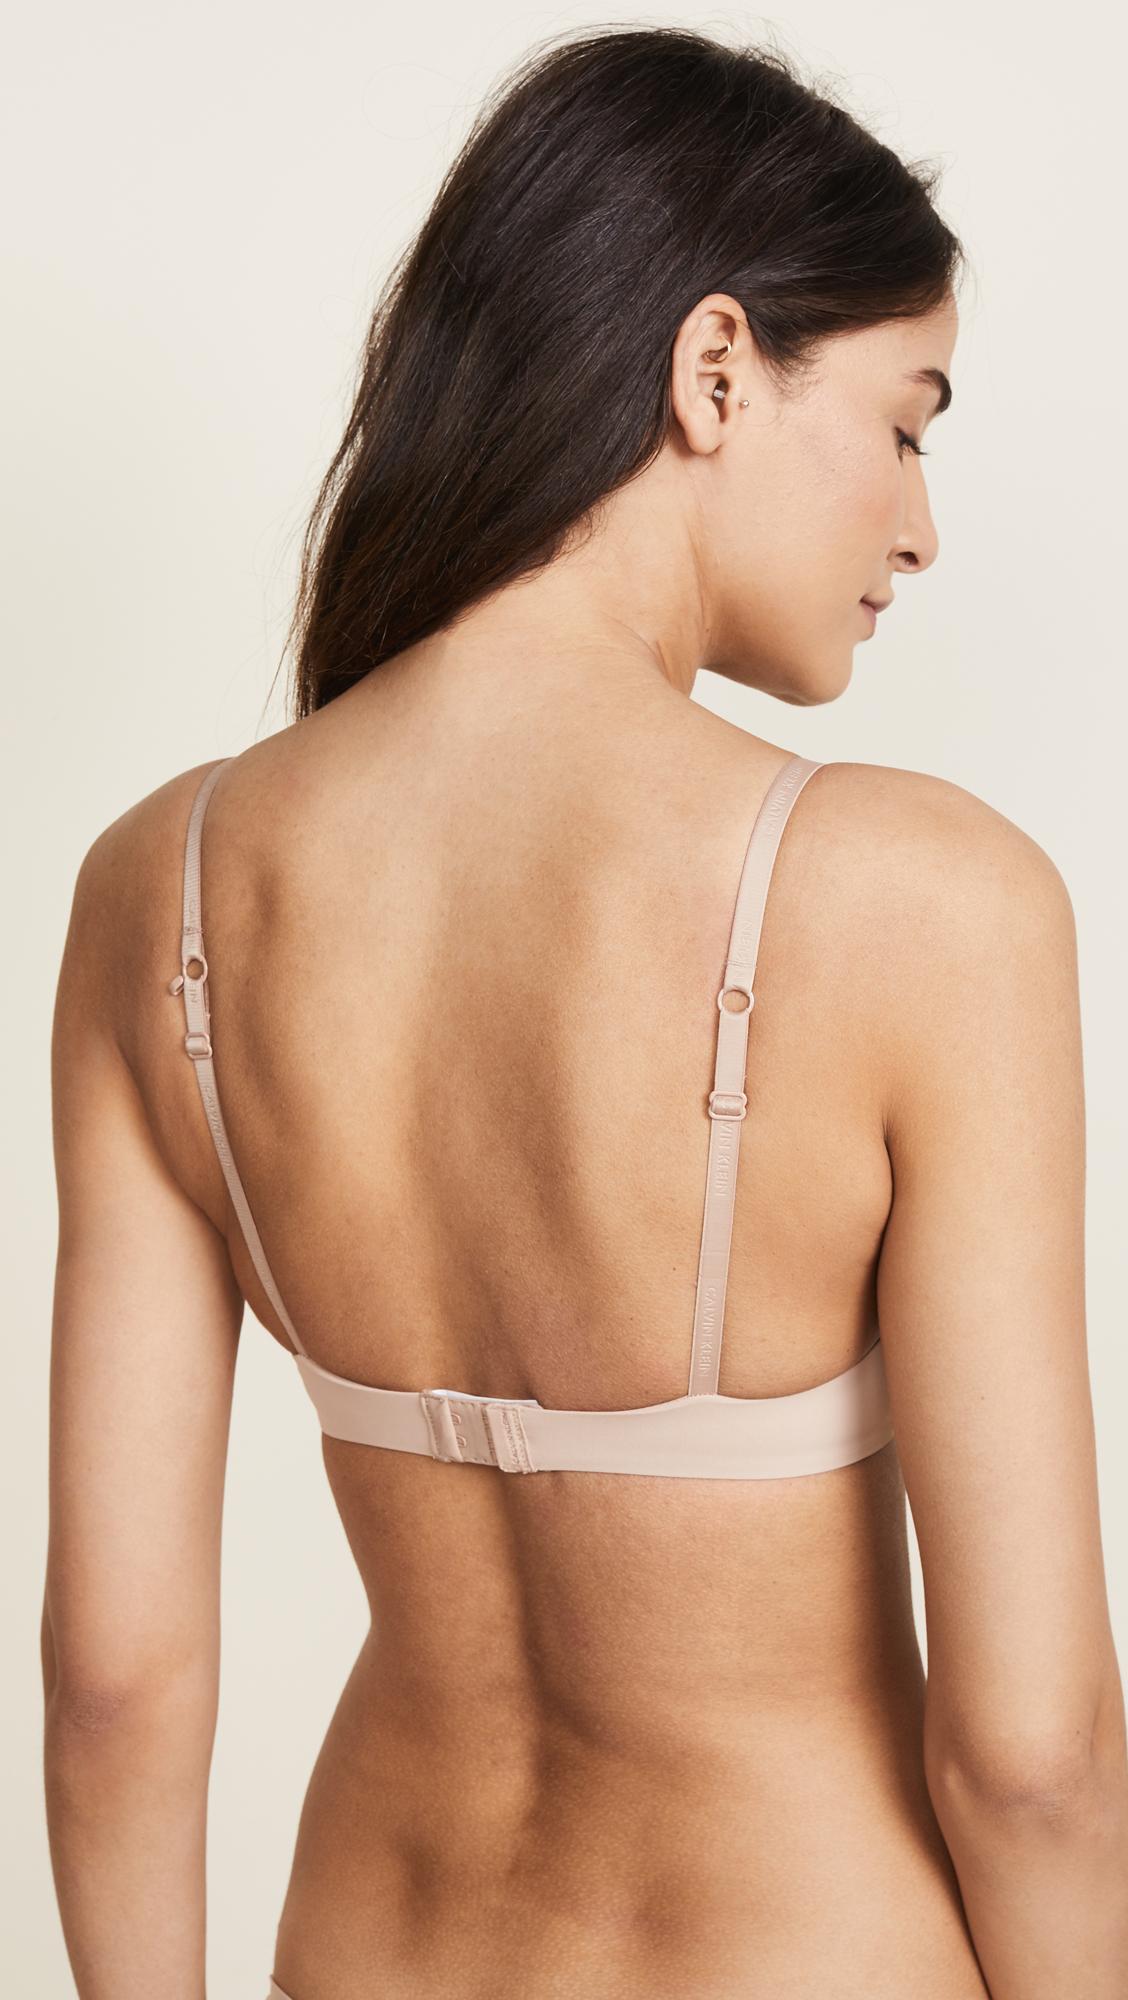 710a61d13efff2 Calvin Klein Underwear Perfectly Fit Wireless Contour Bra